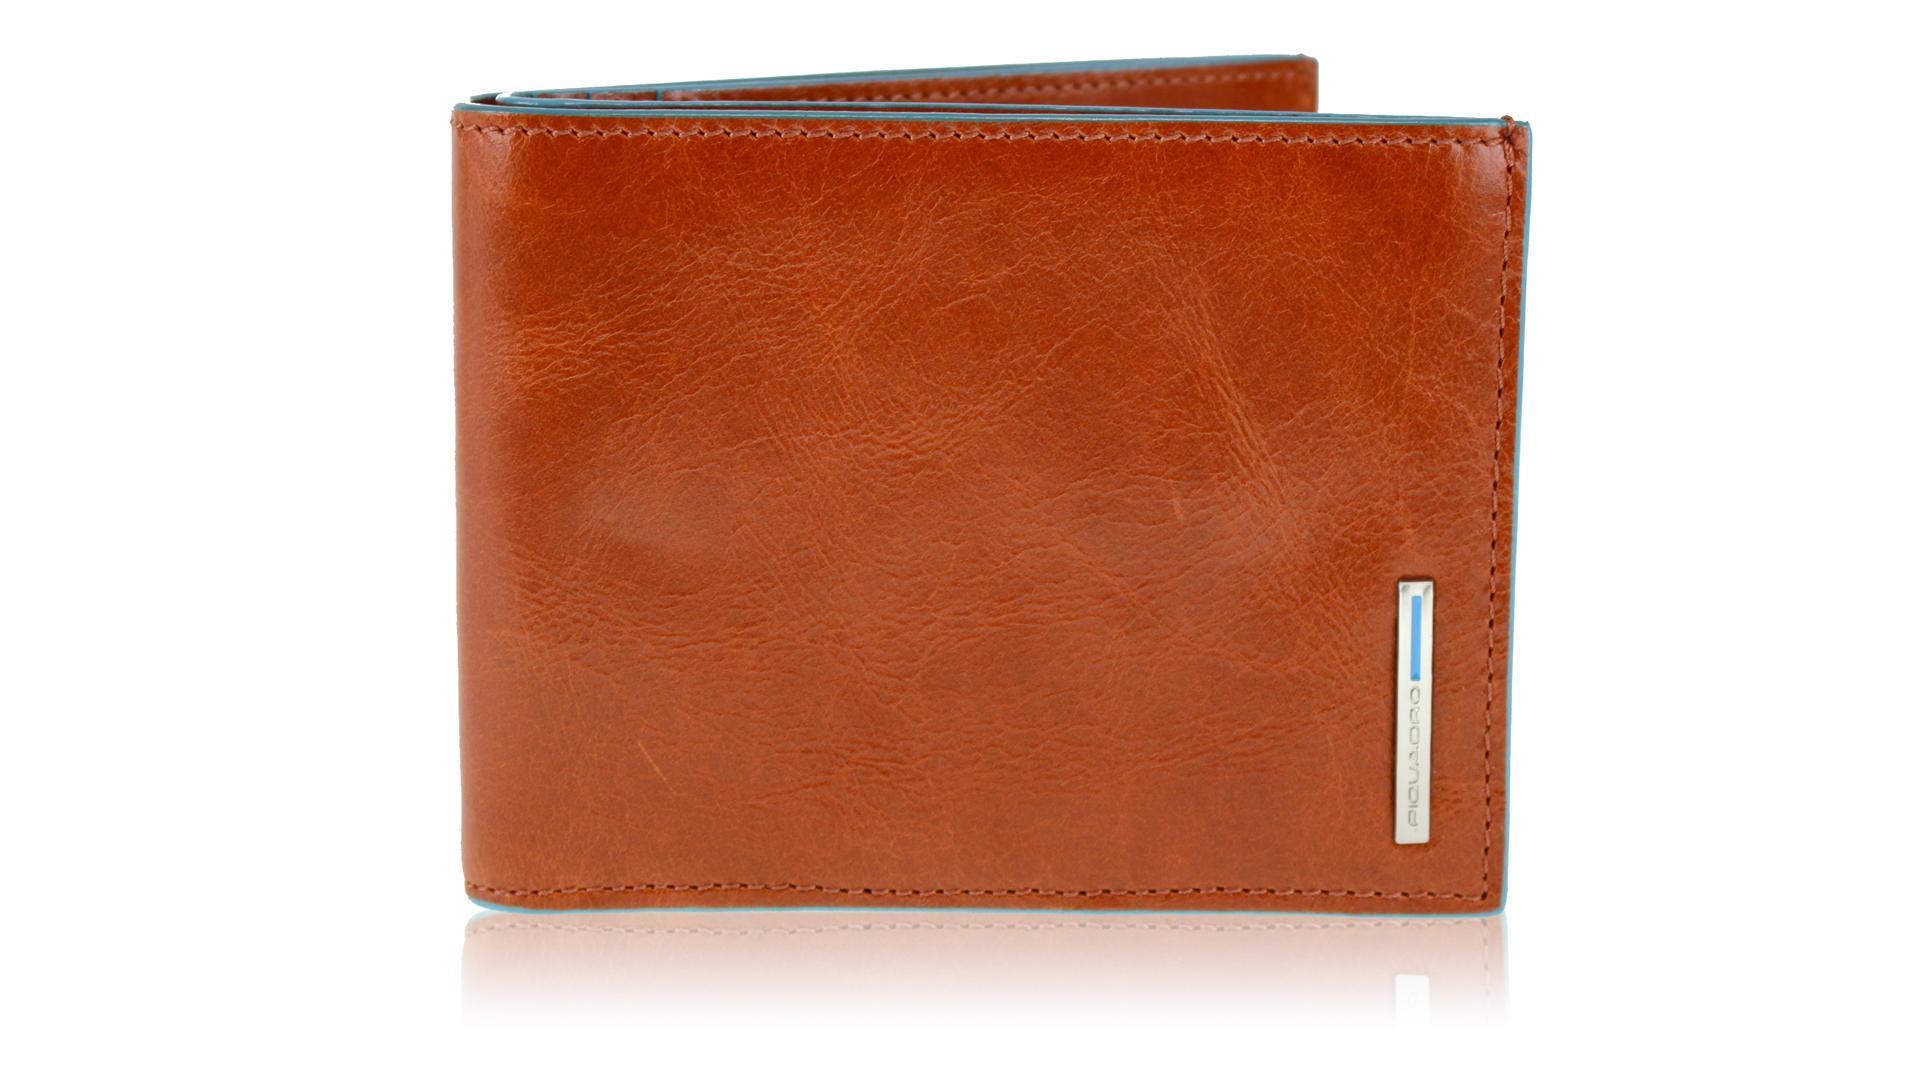 Man wallet Piquadro Blue square PU1241B2 ARANCIO